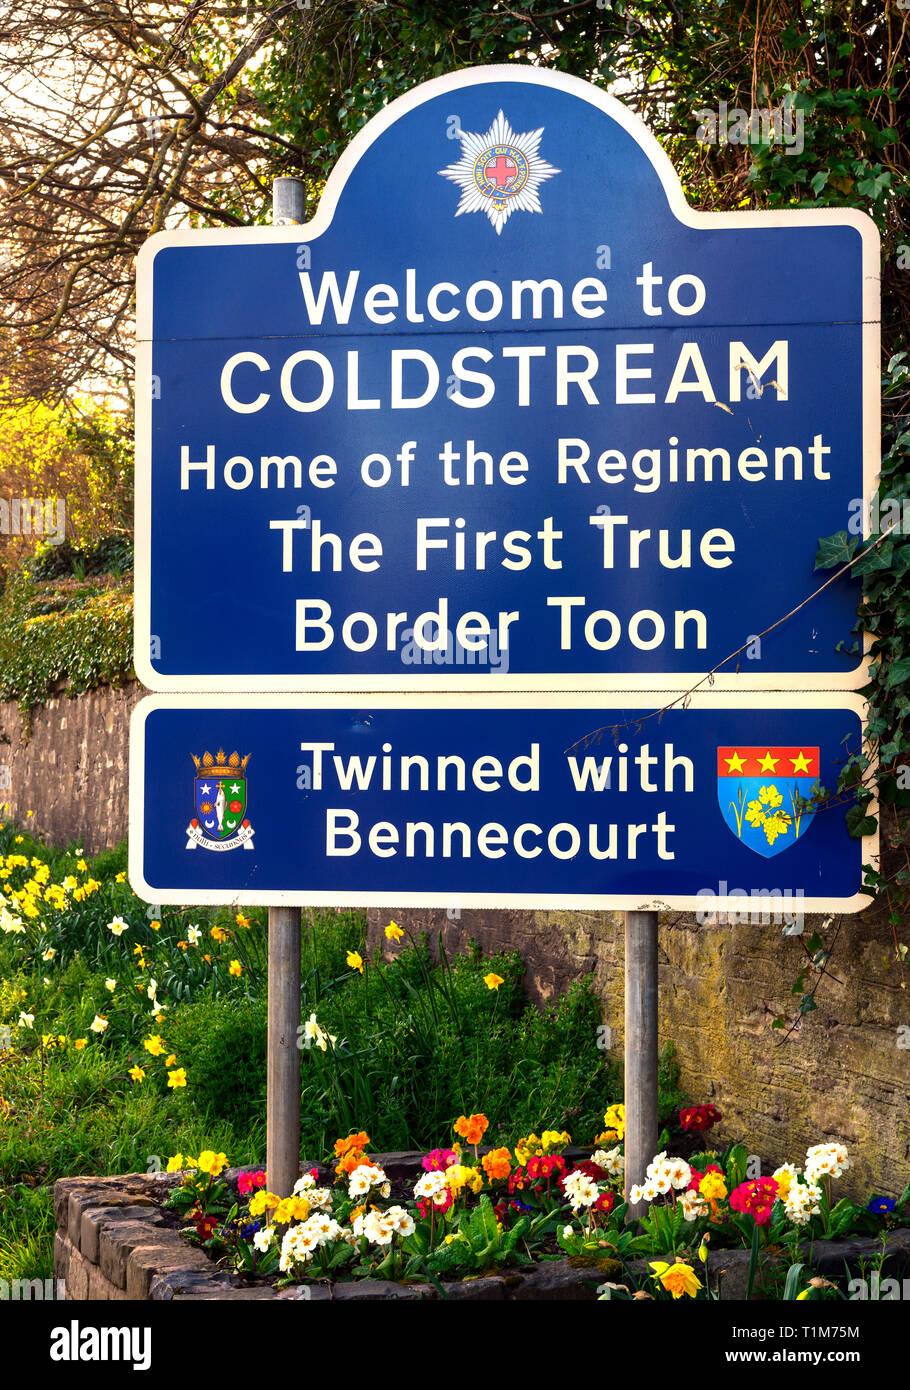 Zu Coldstream - Startseite des Regiments-Sign, Coldstream, Scottish Borders, Schottland, UK Willkommen Stockbild